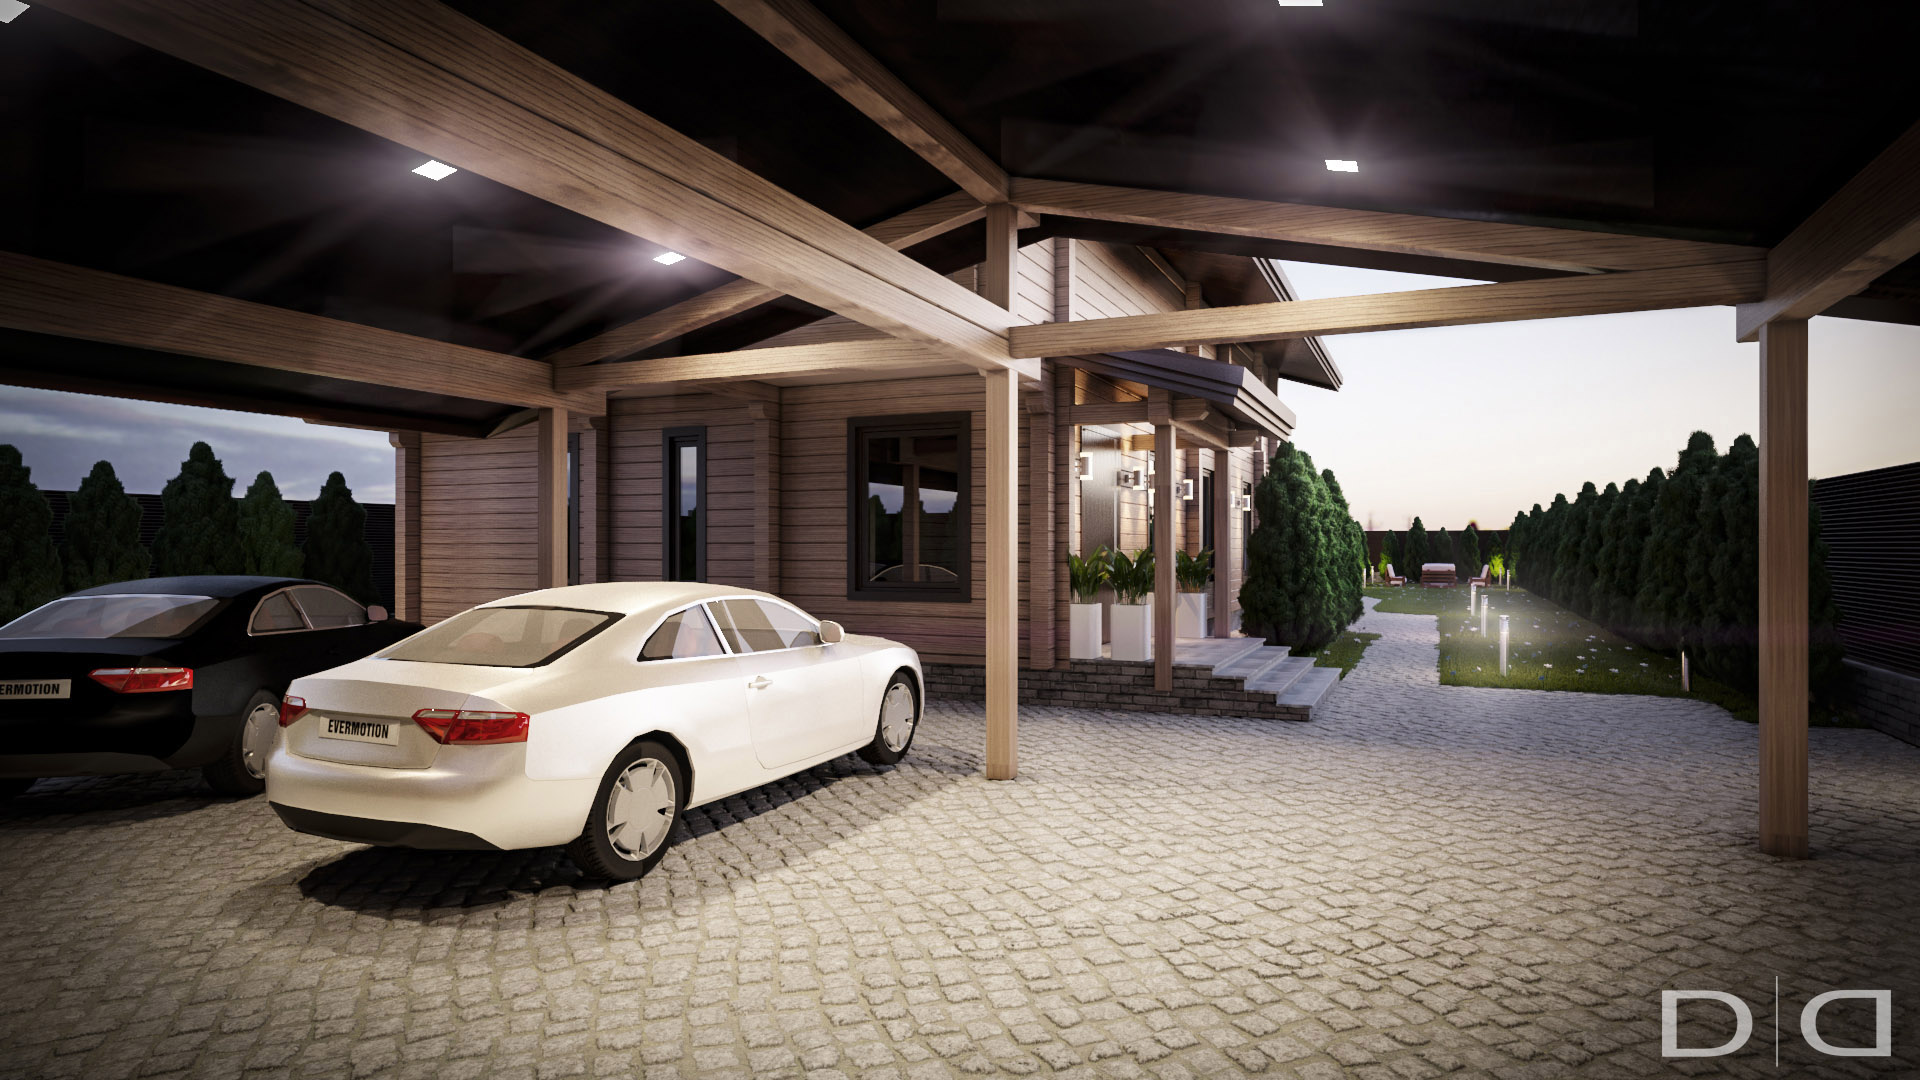 01_dd-interior_studio_design_project_minsk_009-12